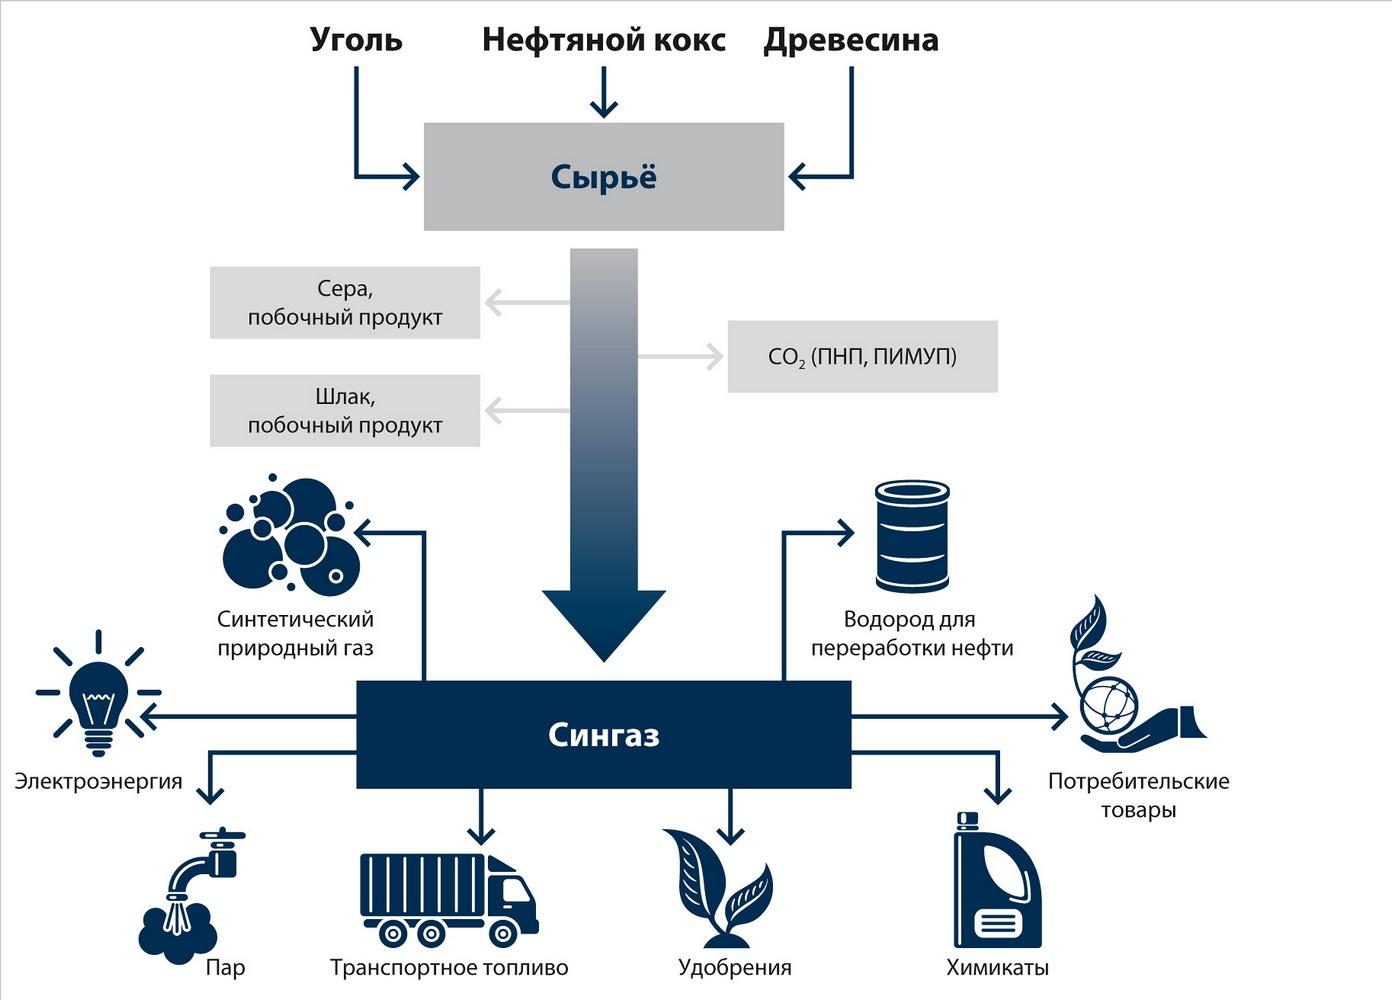 газификация отходов схема